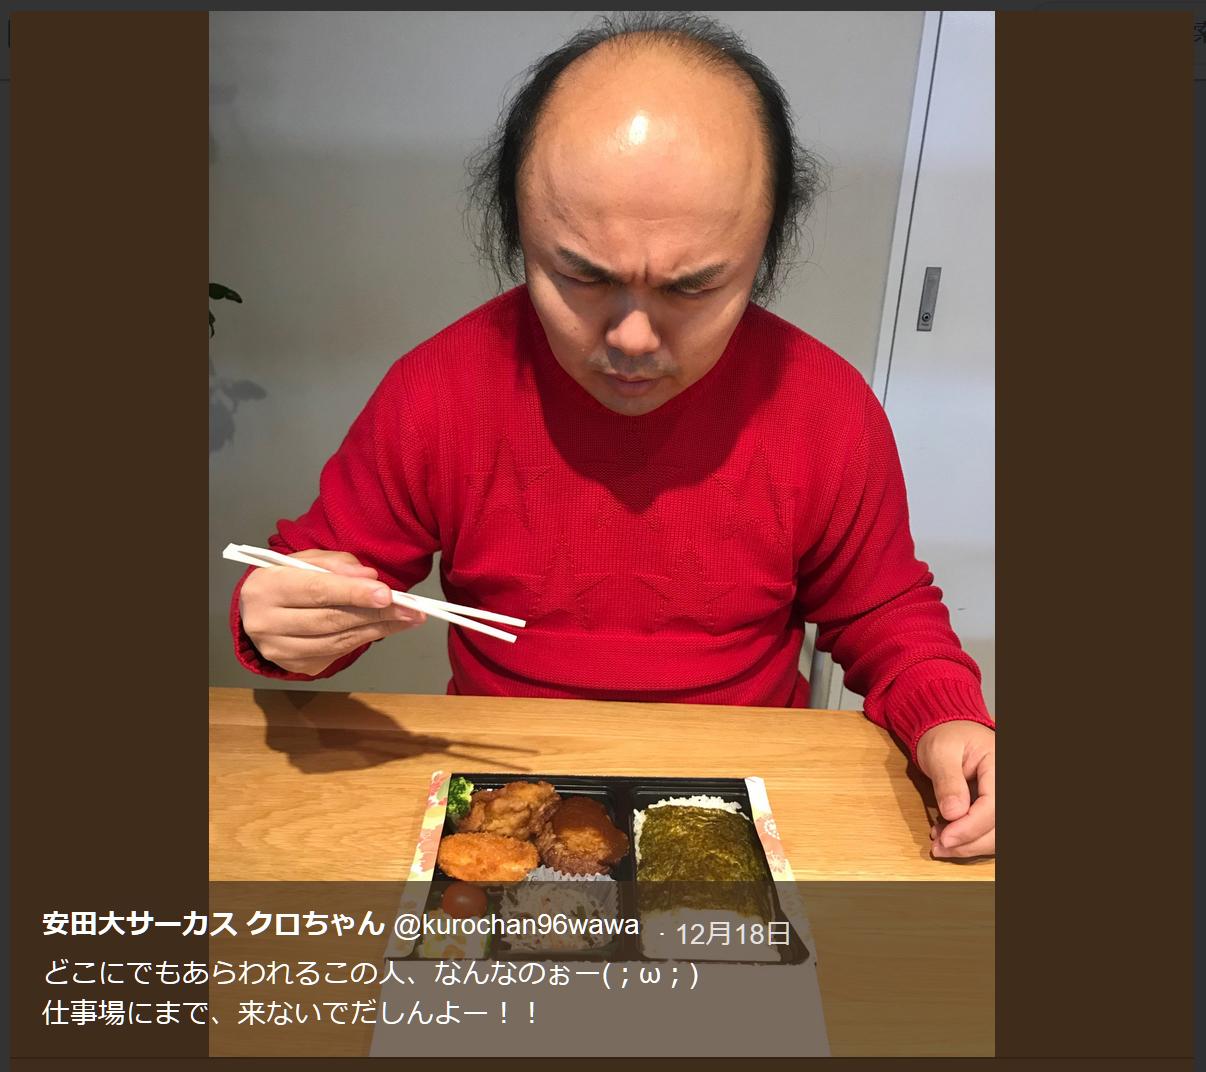 クロちゃん クズエピソード